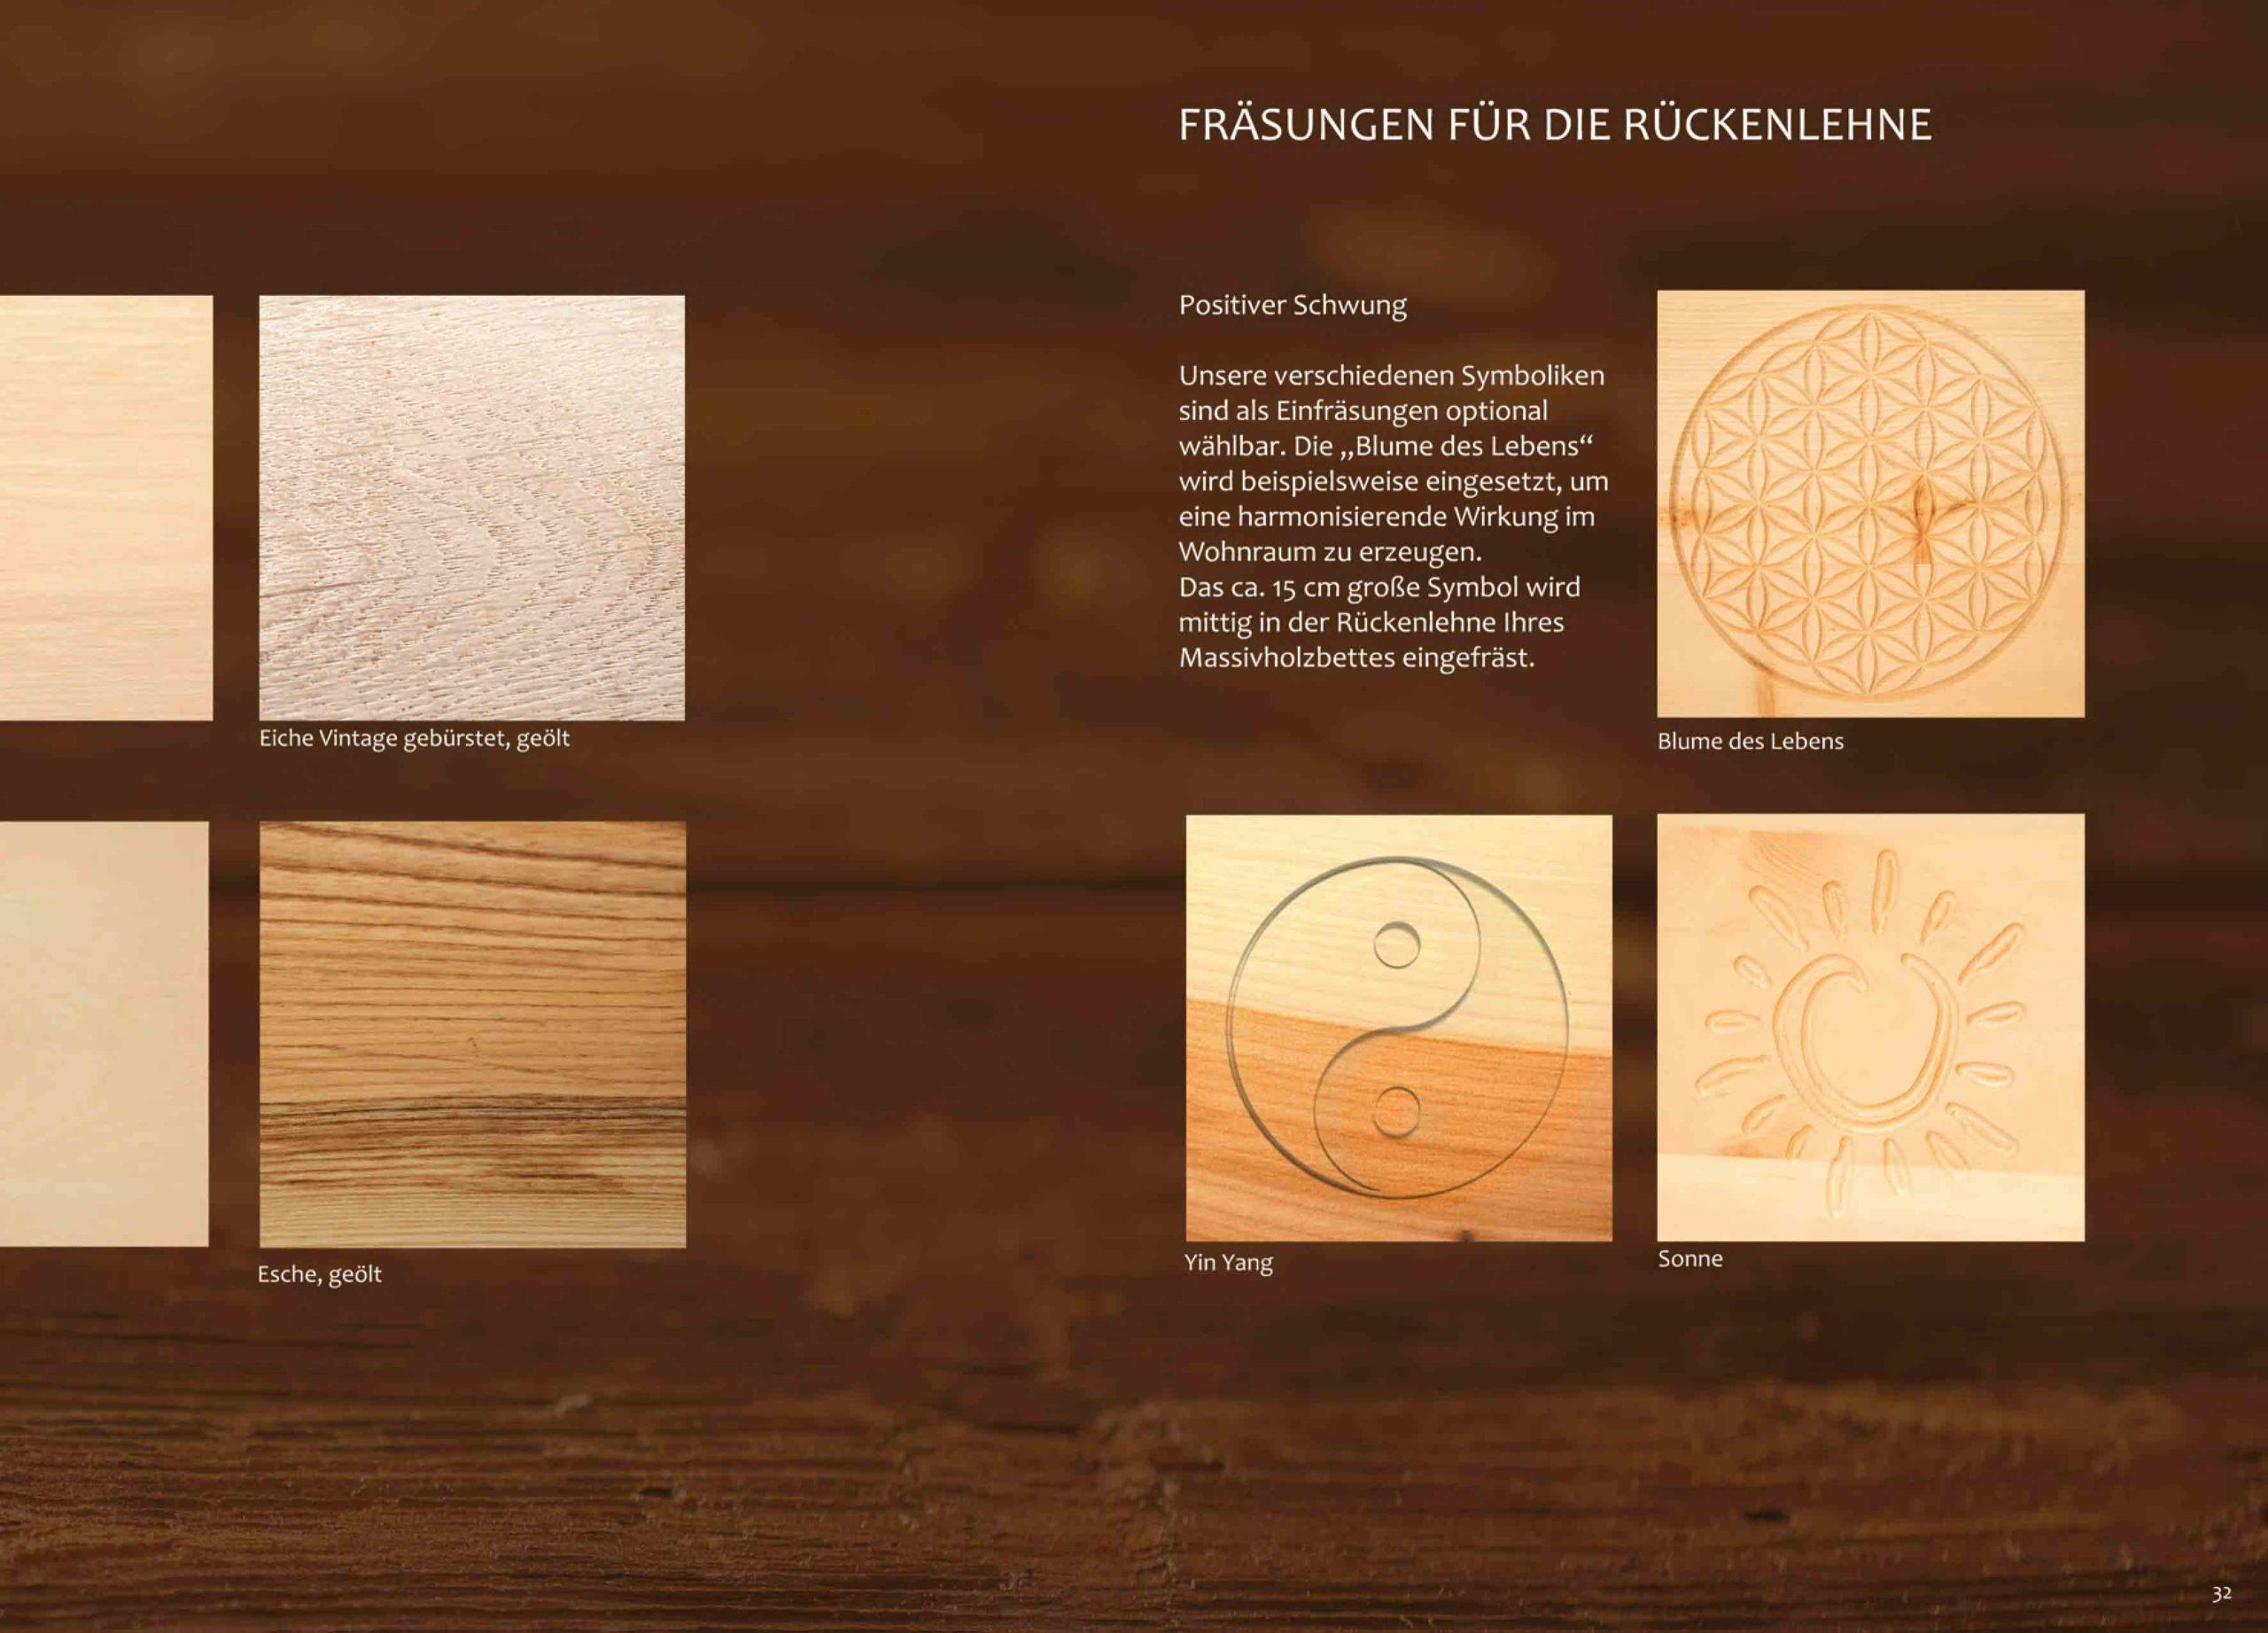 Holzarten für unsere Massivholzbetten und Einfräsungen für die Rückenlehne